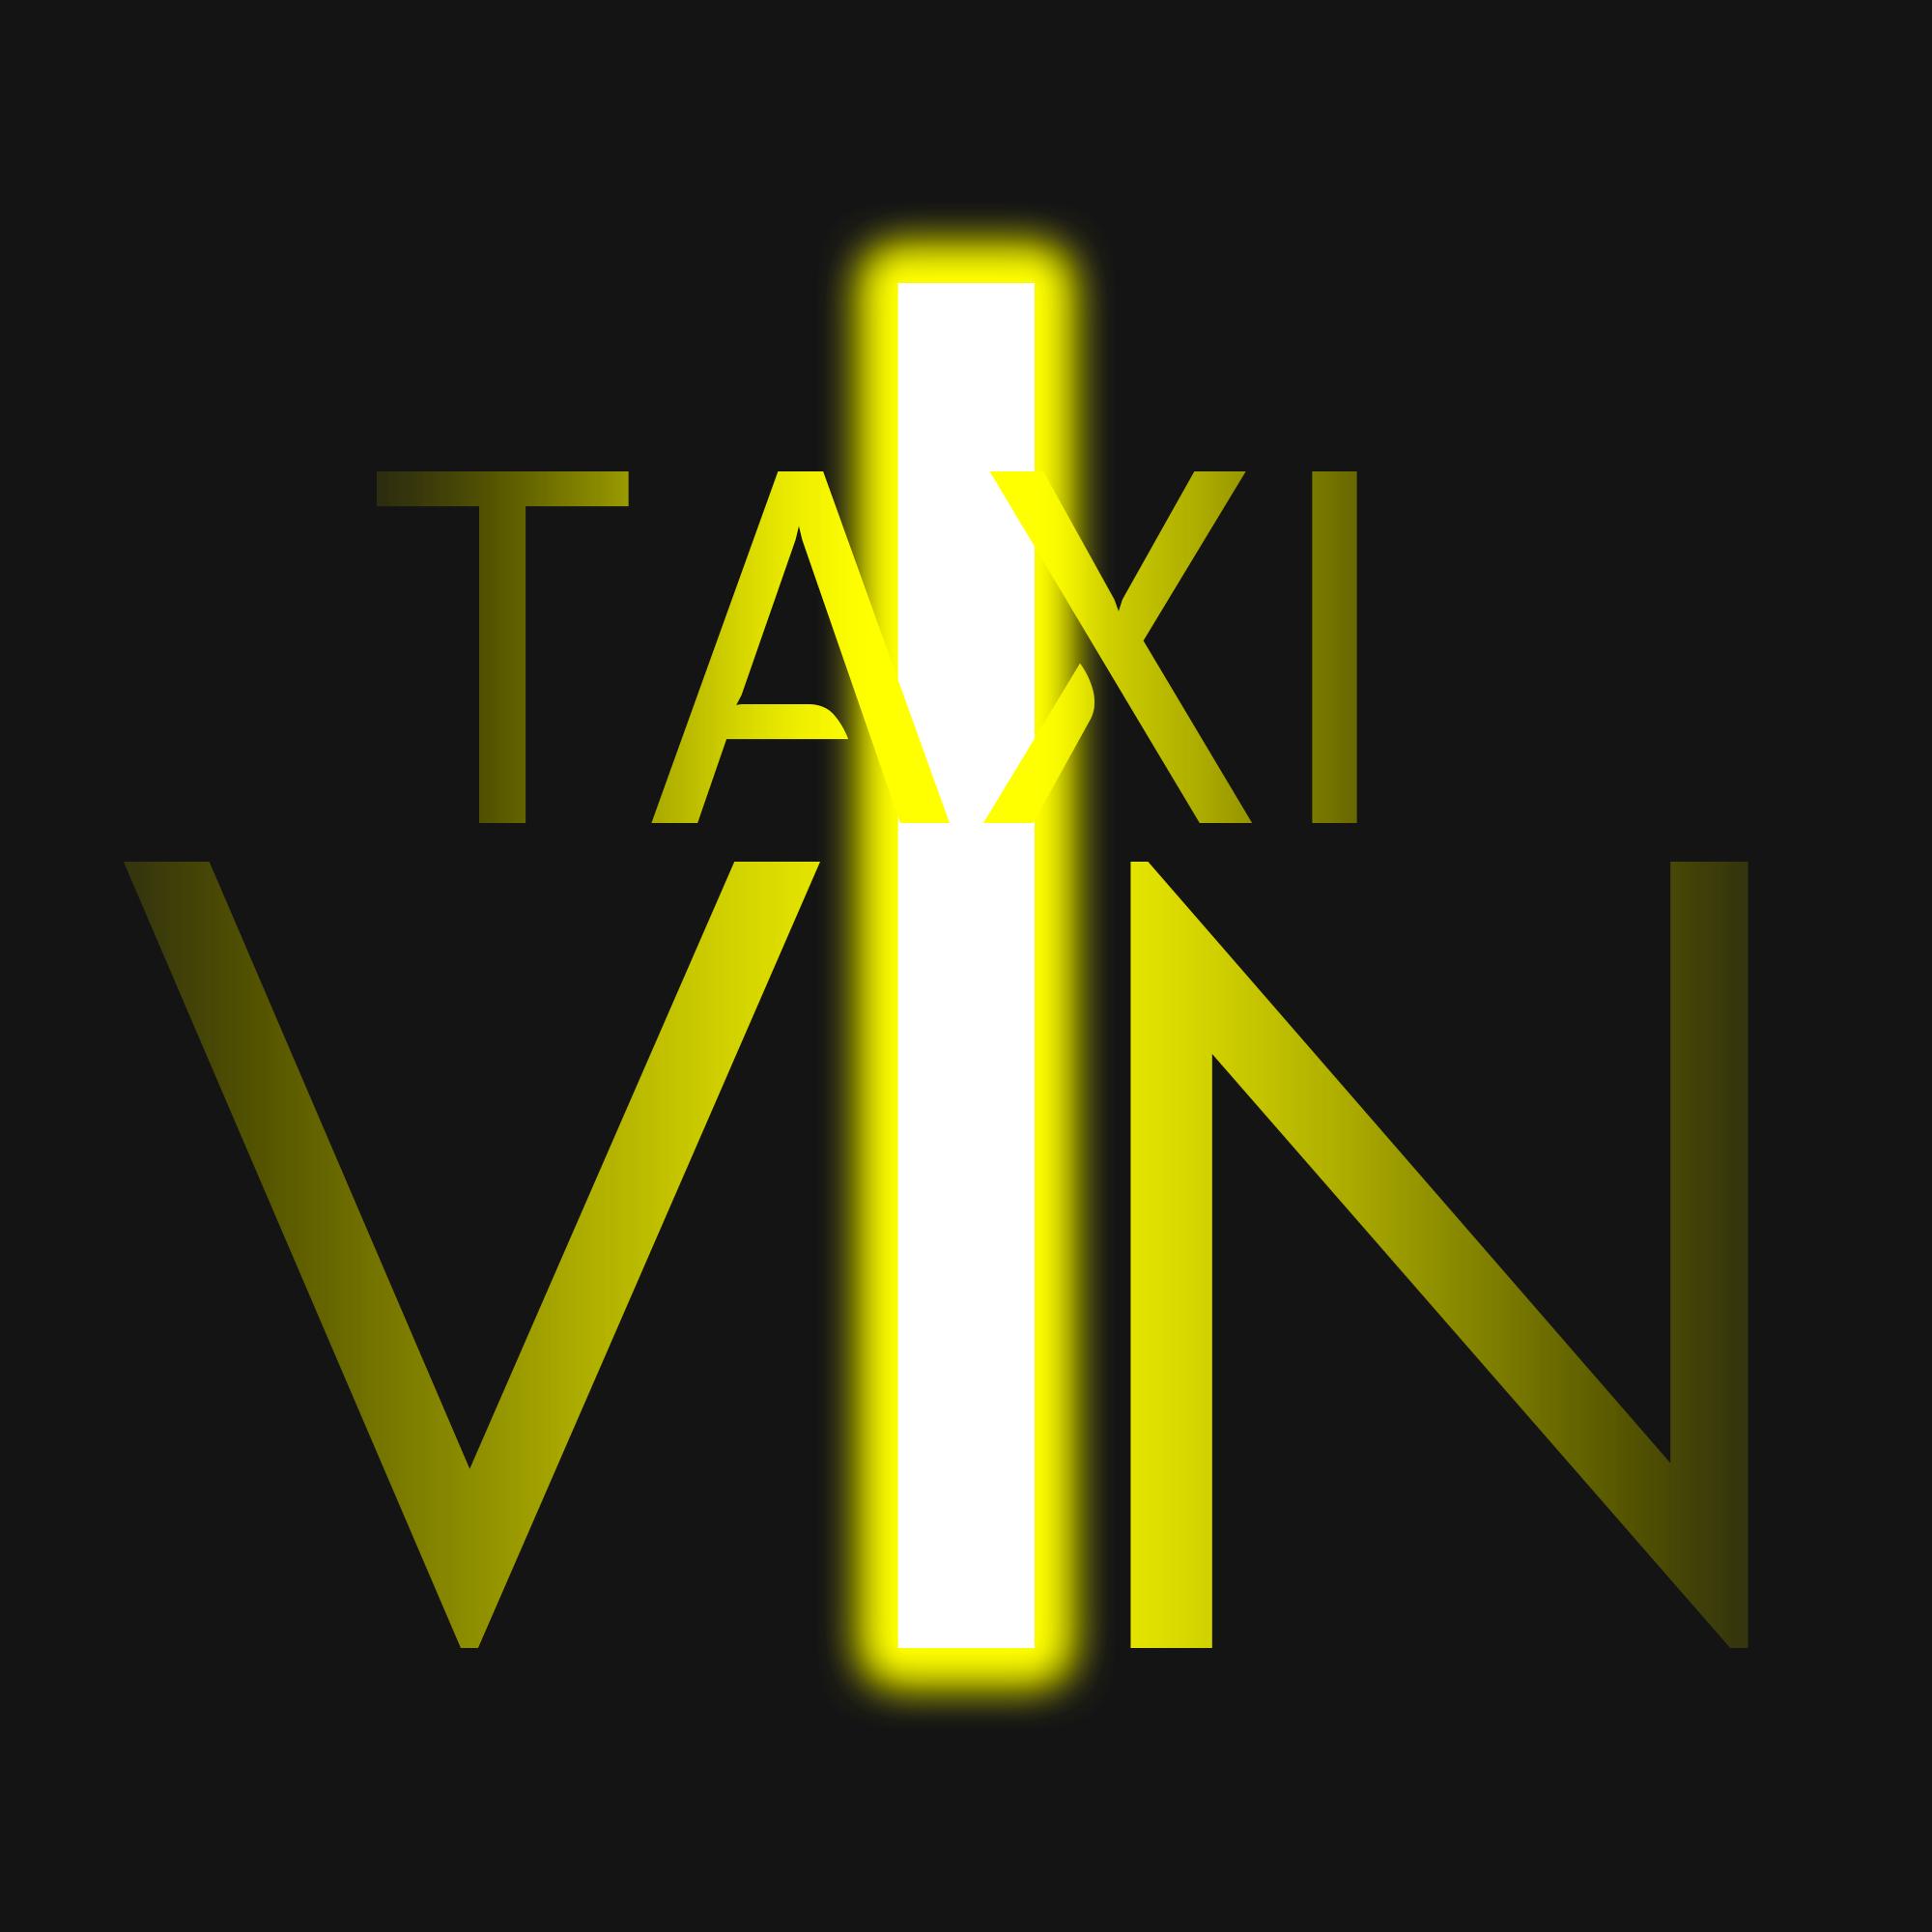 Разработка логотипа и фирменного стиля для такси фото f_5095b919585ca5d4.png